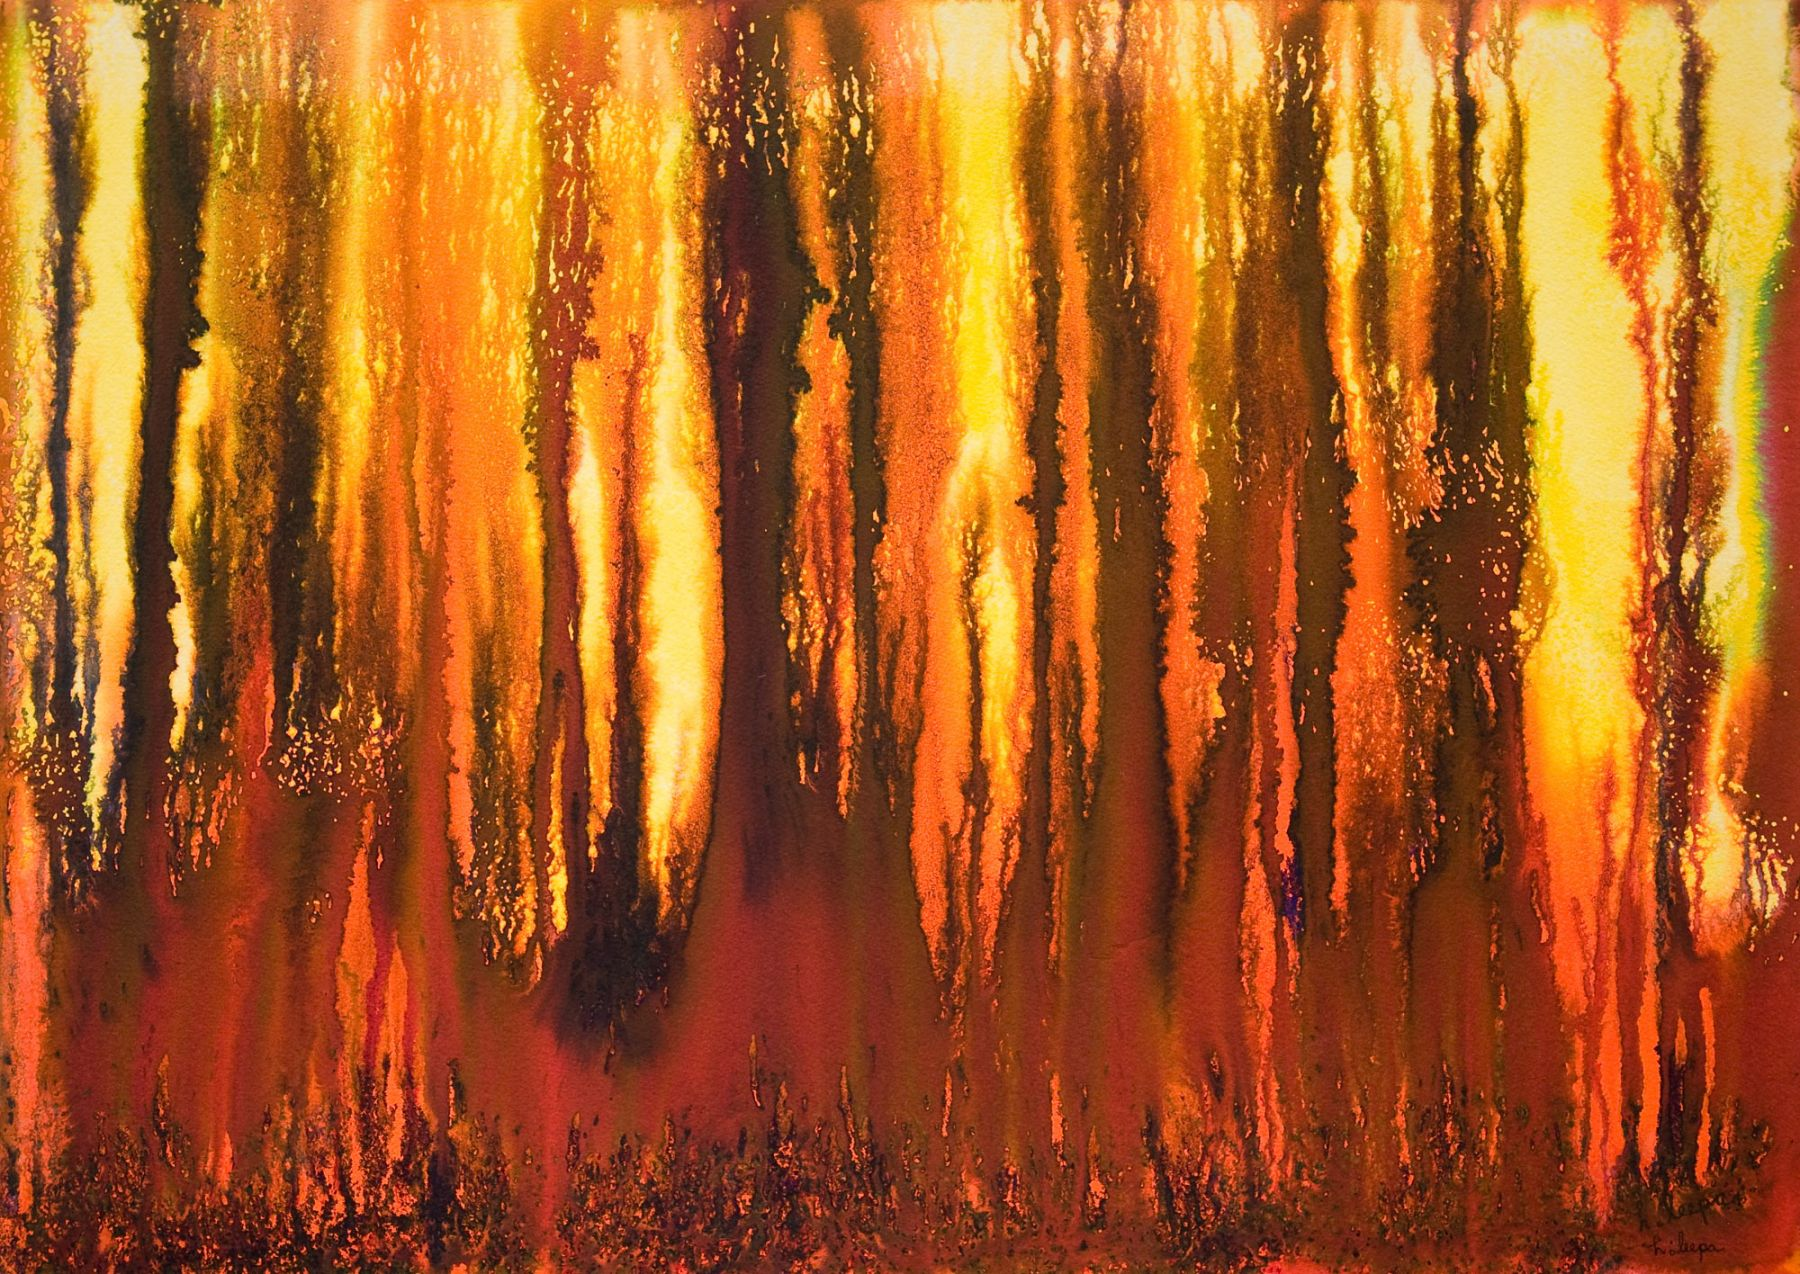 HARVEY LEEPA (1887-1977), Untitled, c. 1960